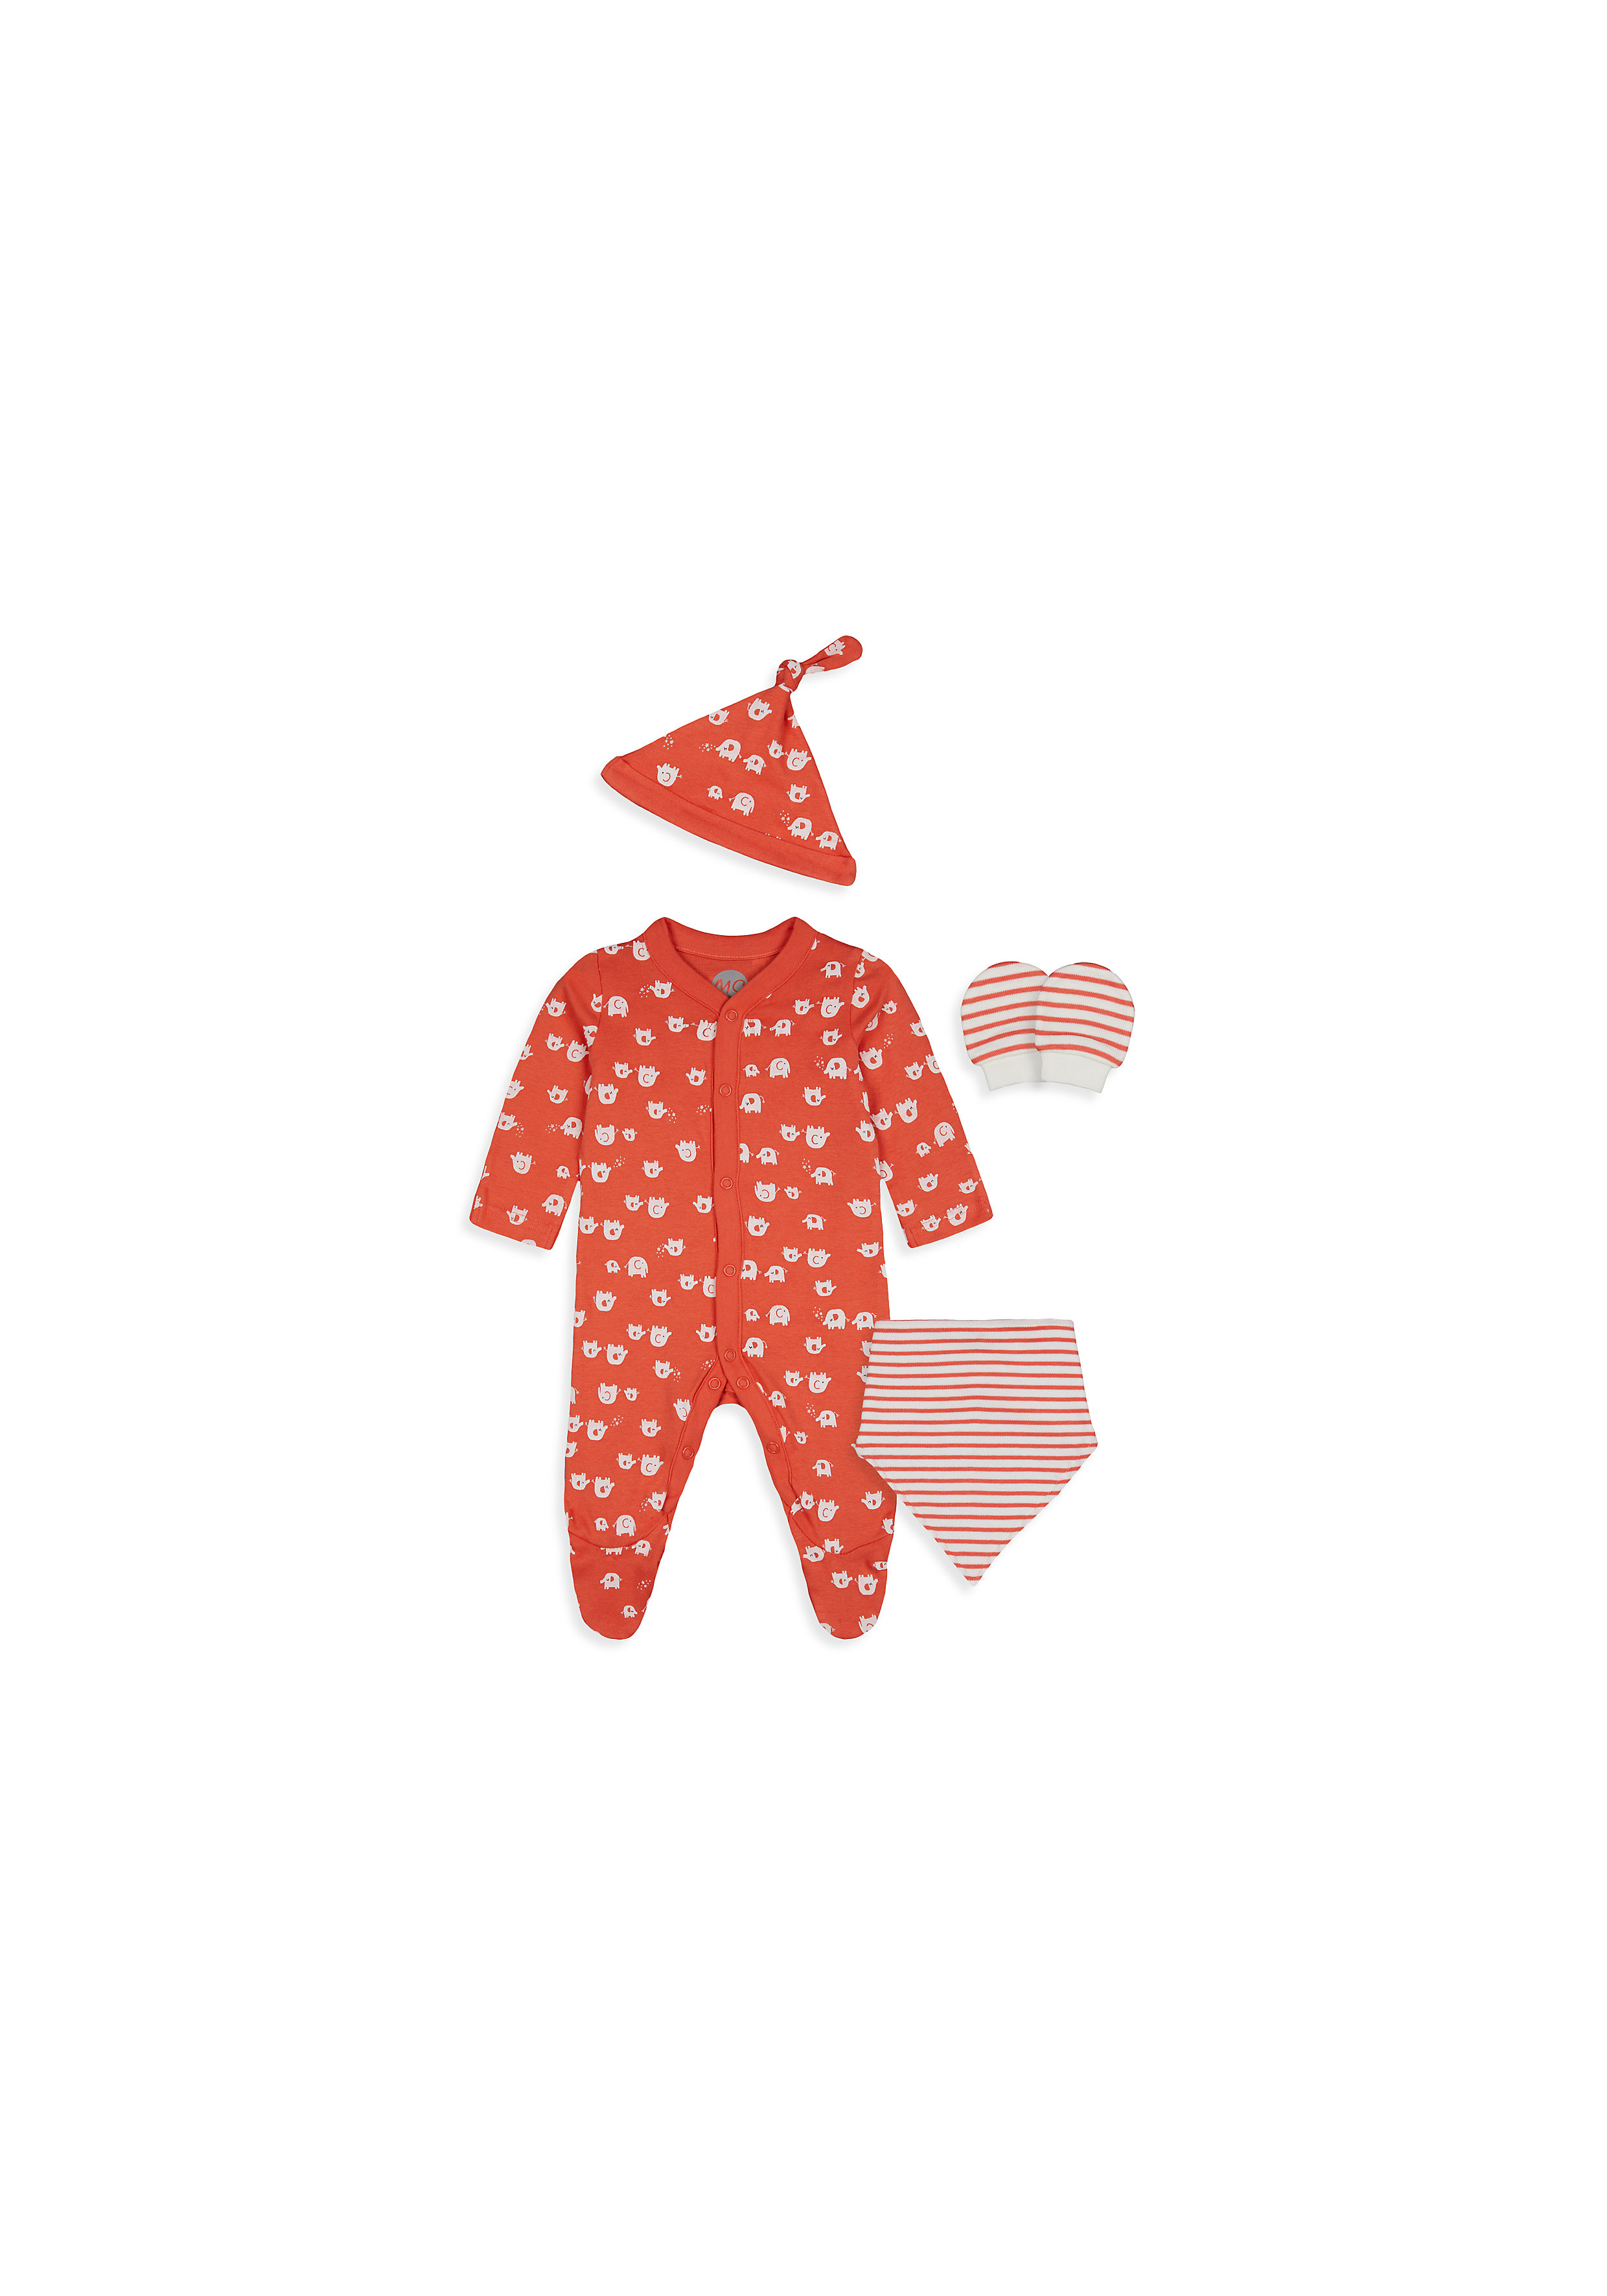 Mothercare | Unisex 4 Piece Set Elephant - Orange